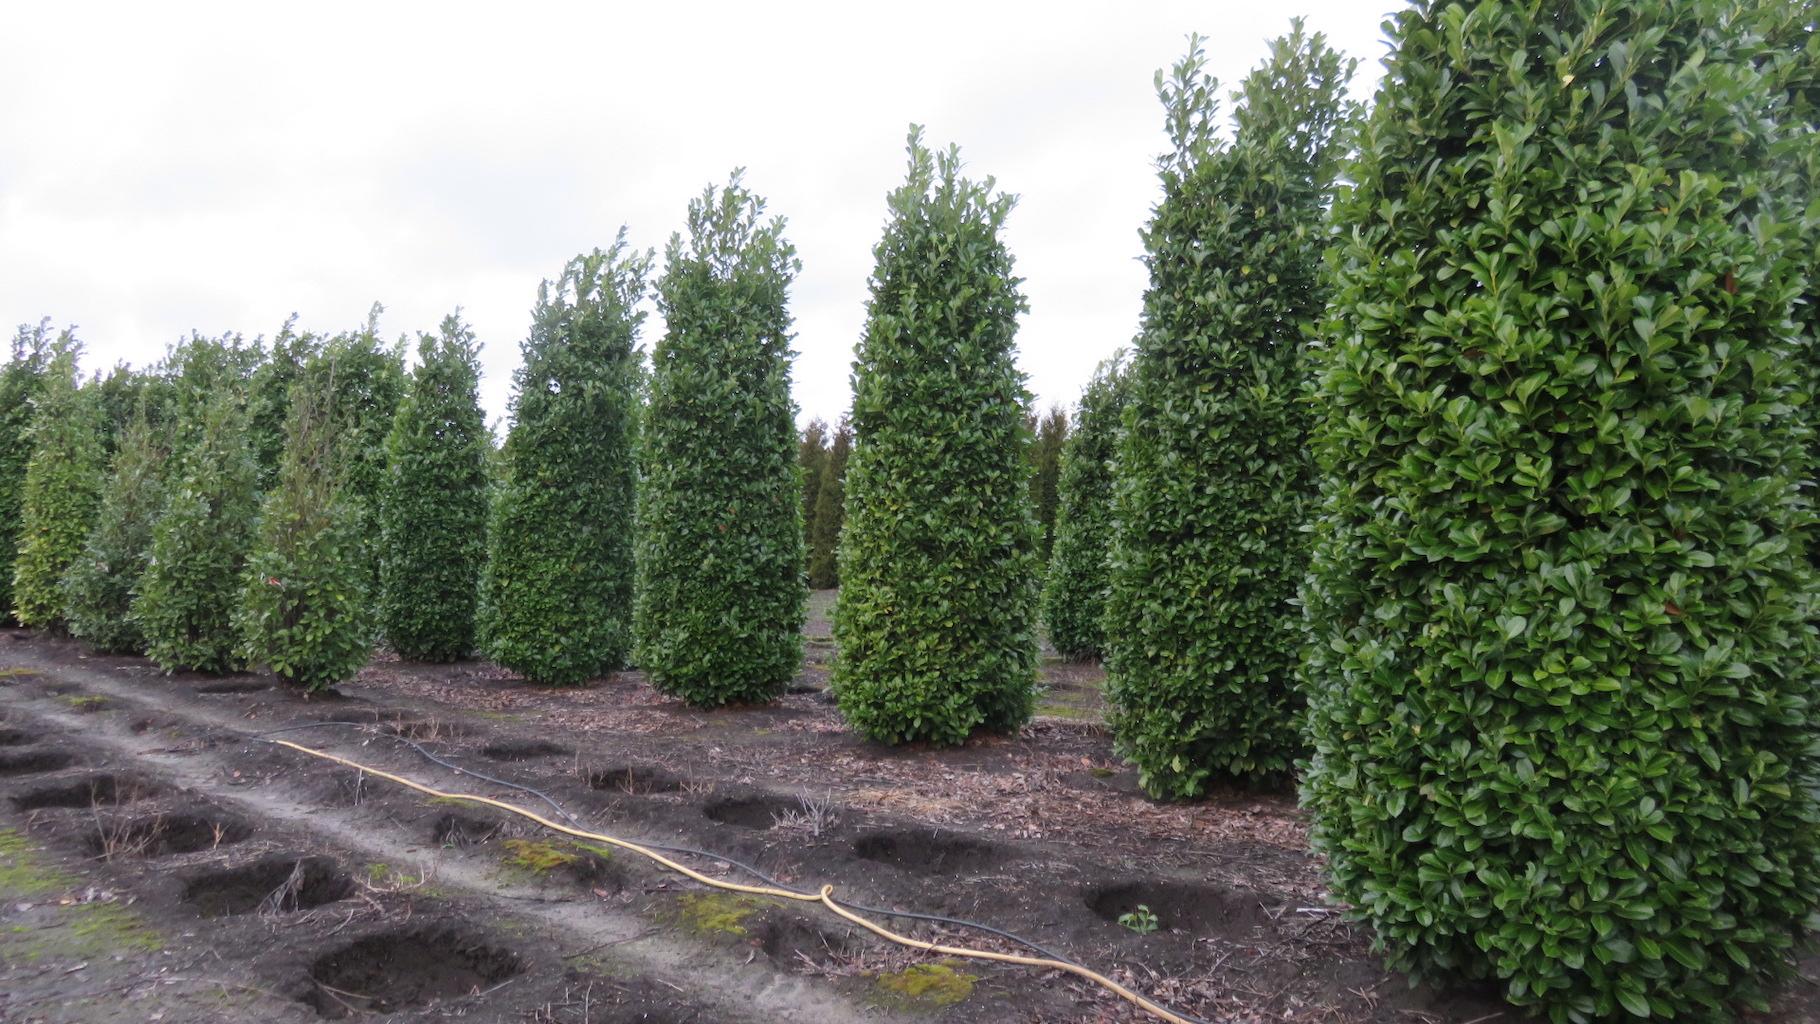 Prunus laurocerasus 'Rotundifolia' 400-450cm, 125-140cm wide